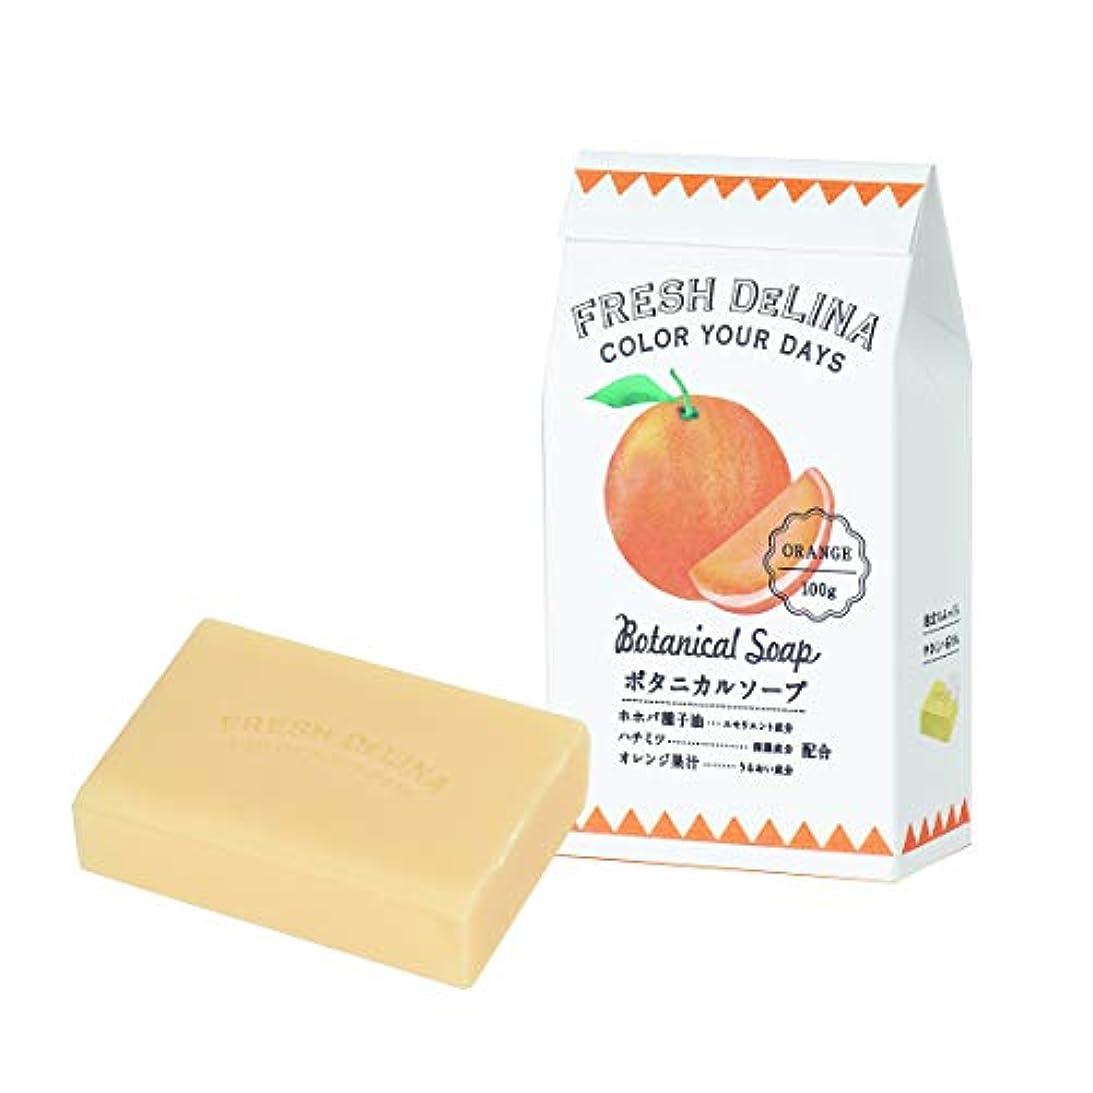 杖不潔ストラップフレッシュデリーナ ボタニカルソープ オレンジ 100g